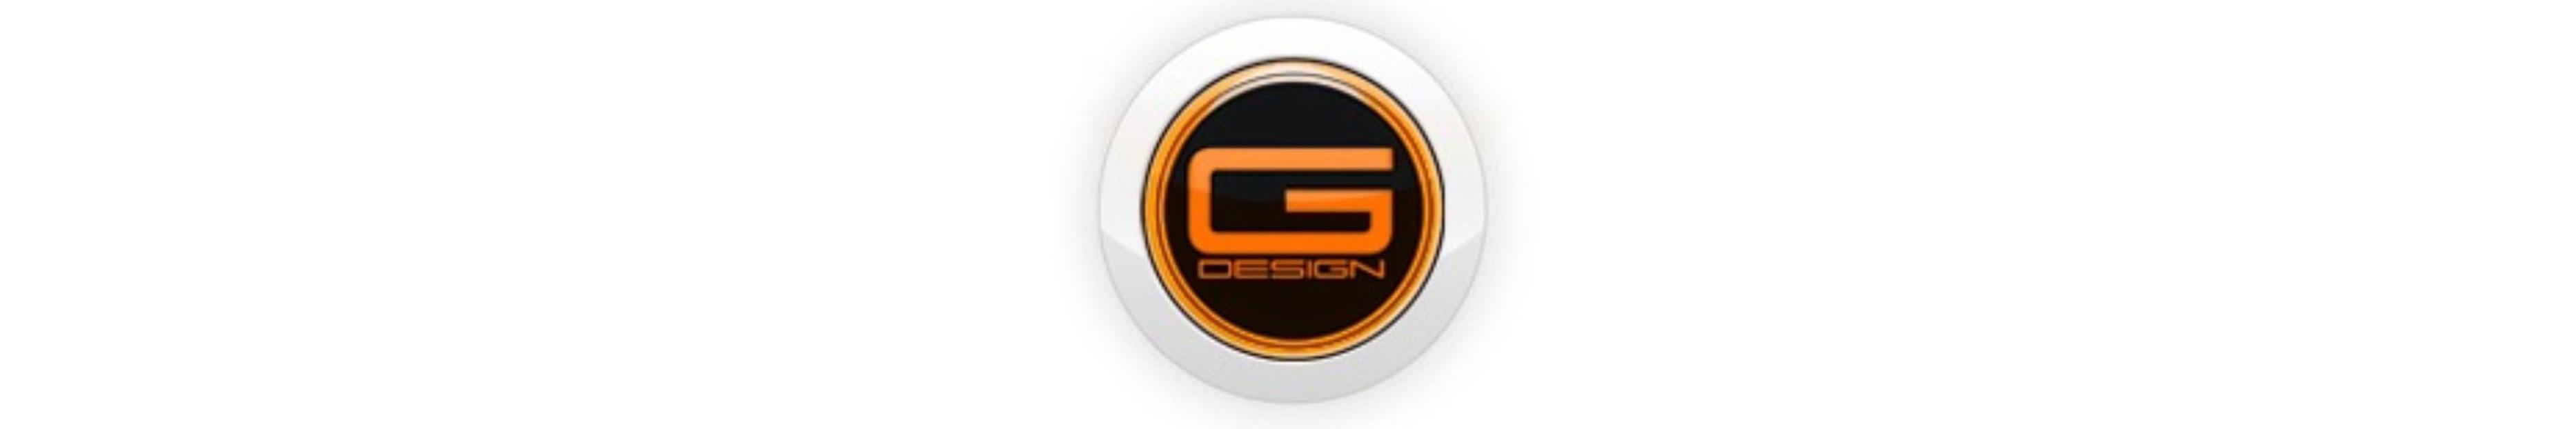 G-Design studio - Architecture, interior design